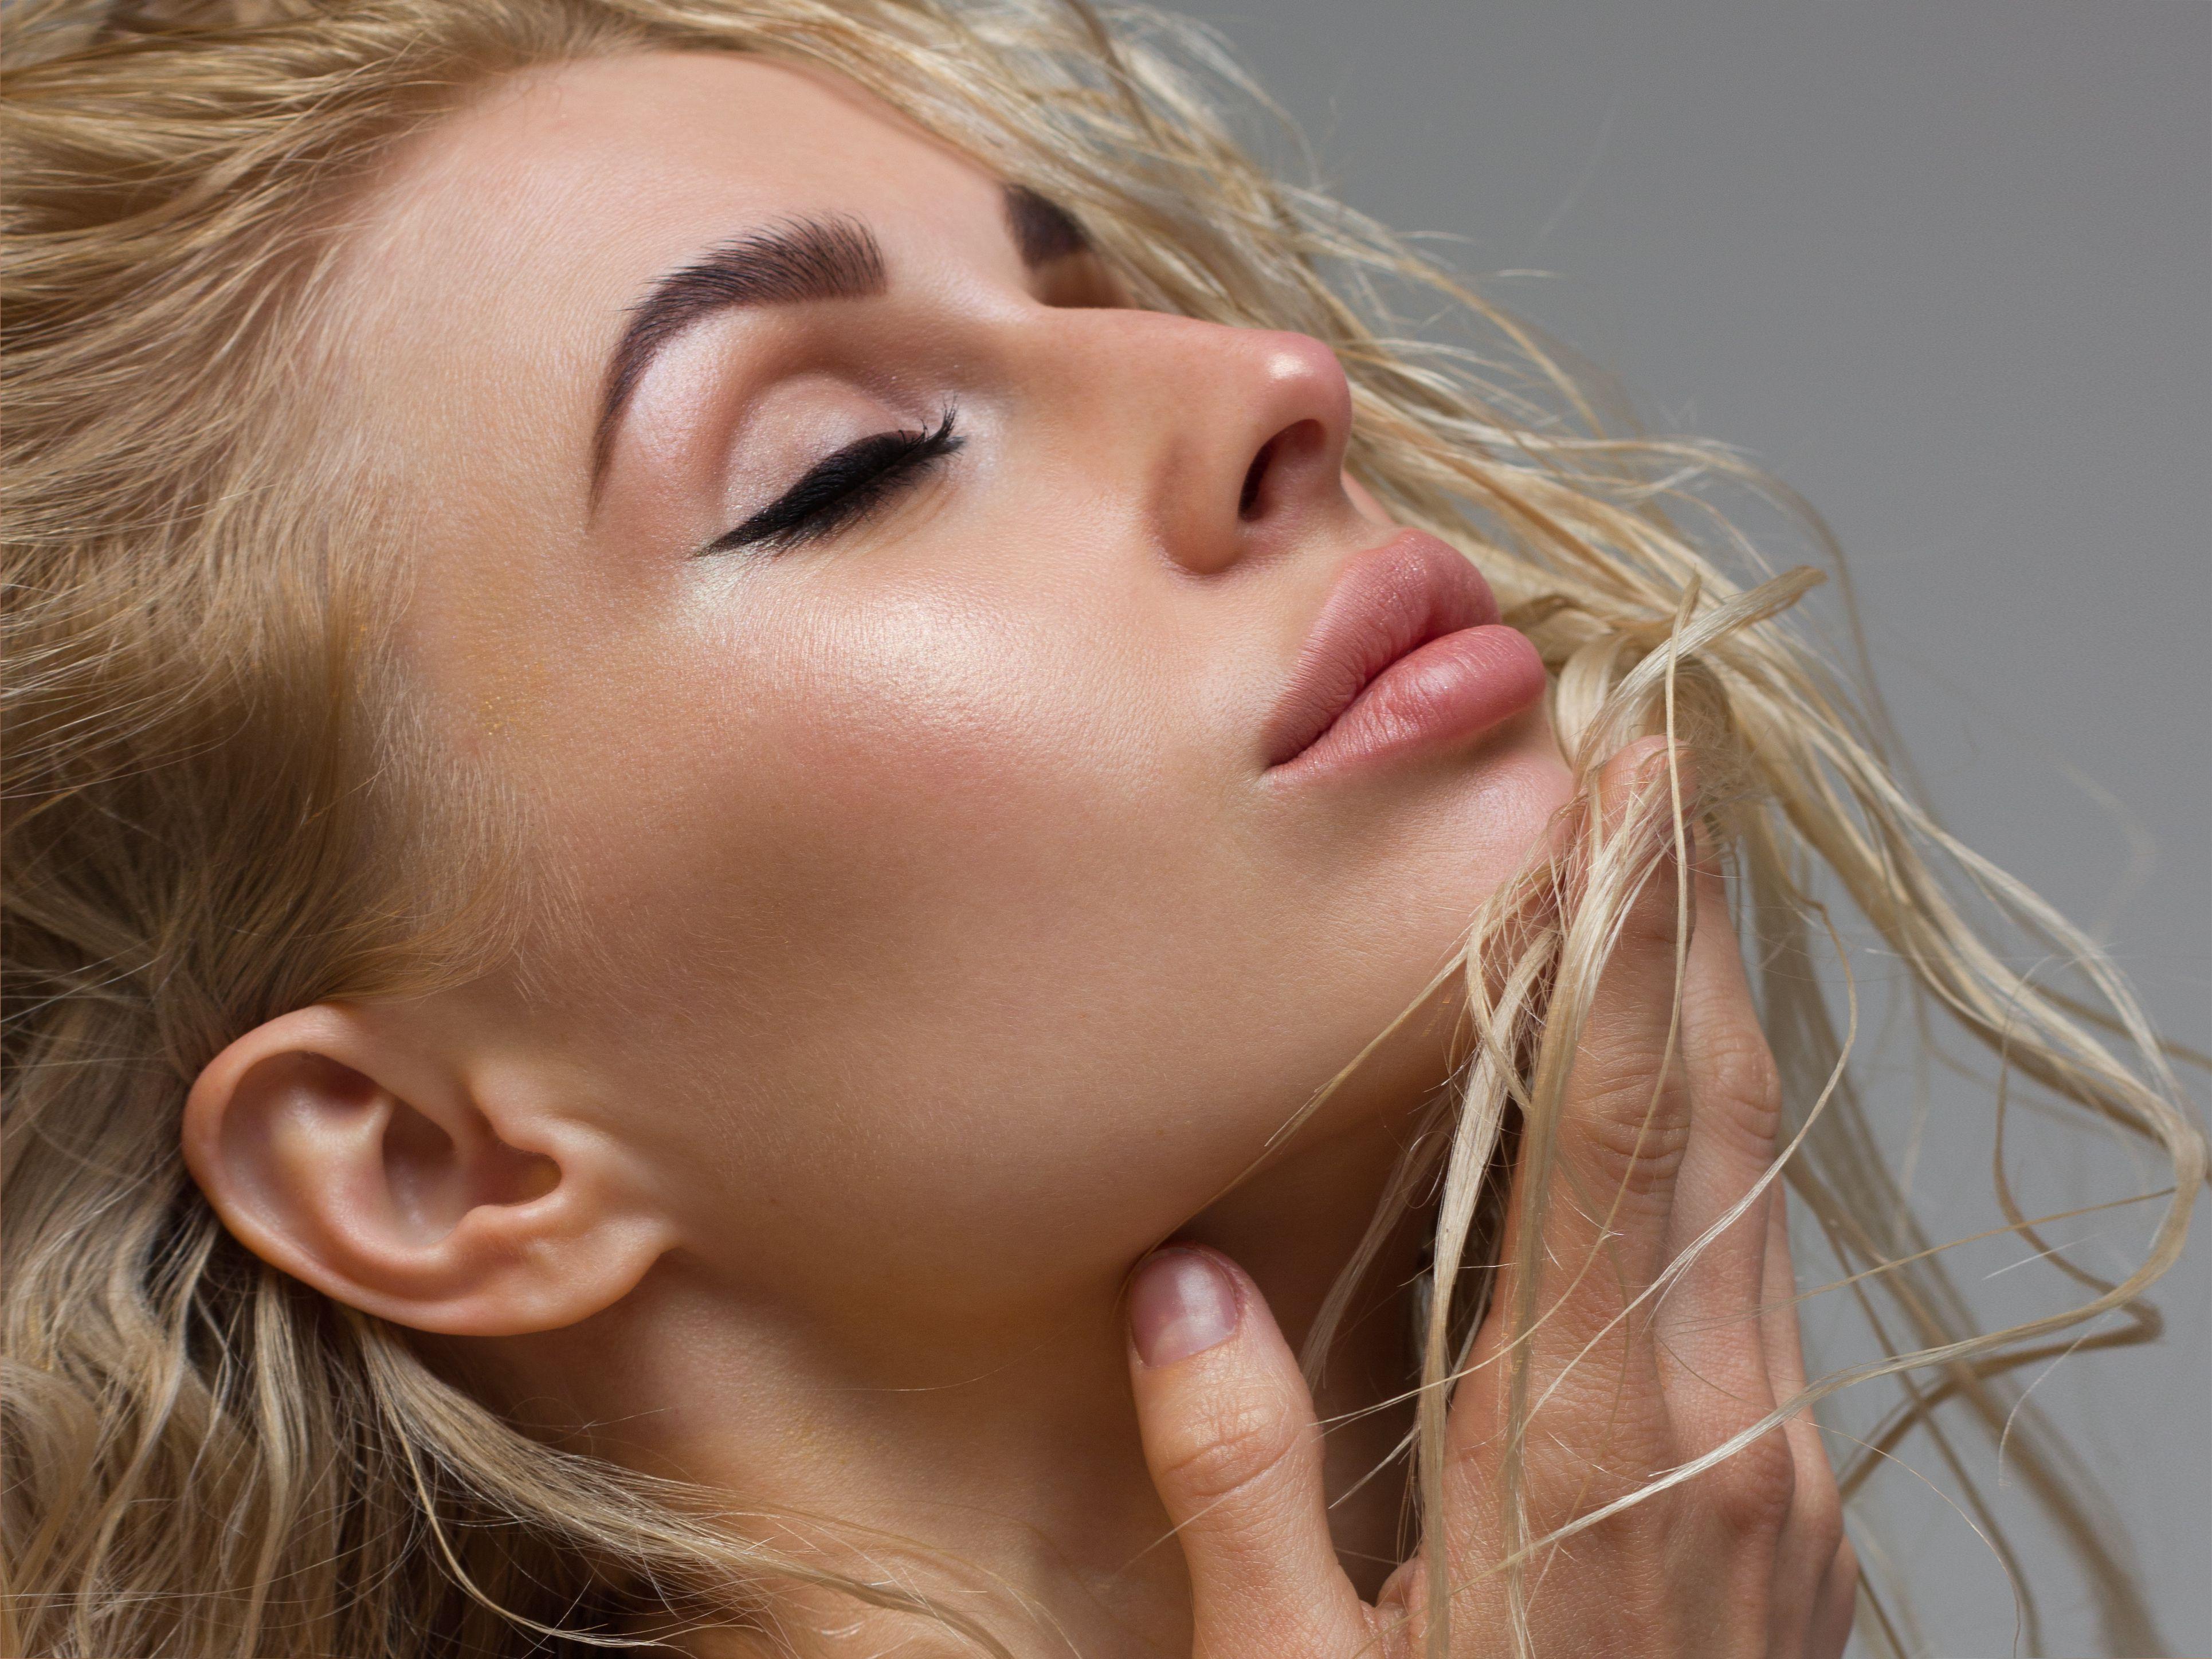 Muči vas koža koja se pretjerano masti? Donosimo savjete stručnjaka kako je tretirati u ljetnim danima